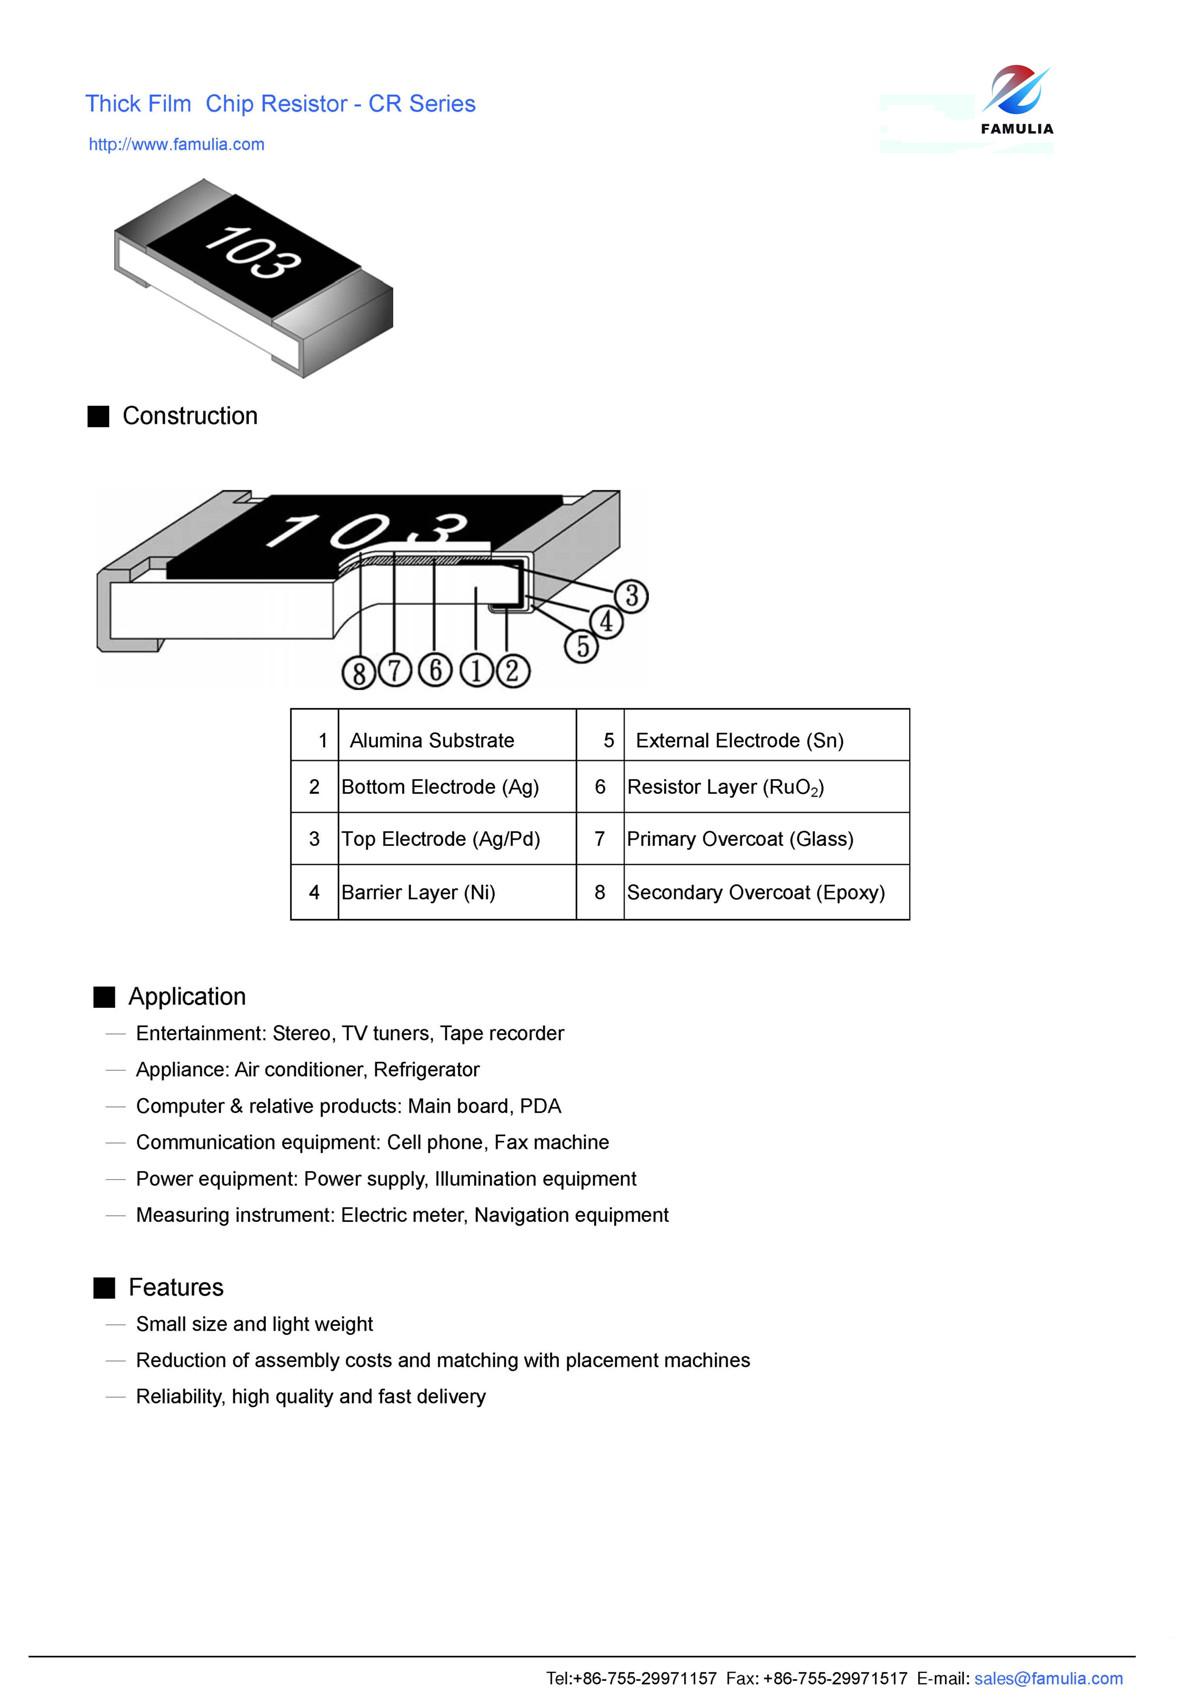 CR系列厚膜晶片电阻_页面_1.jpg